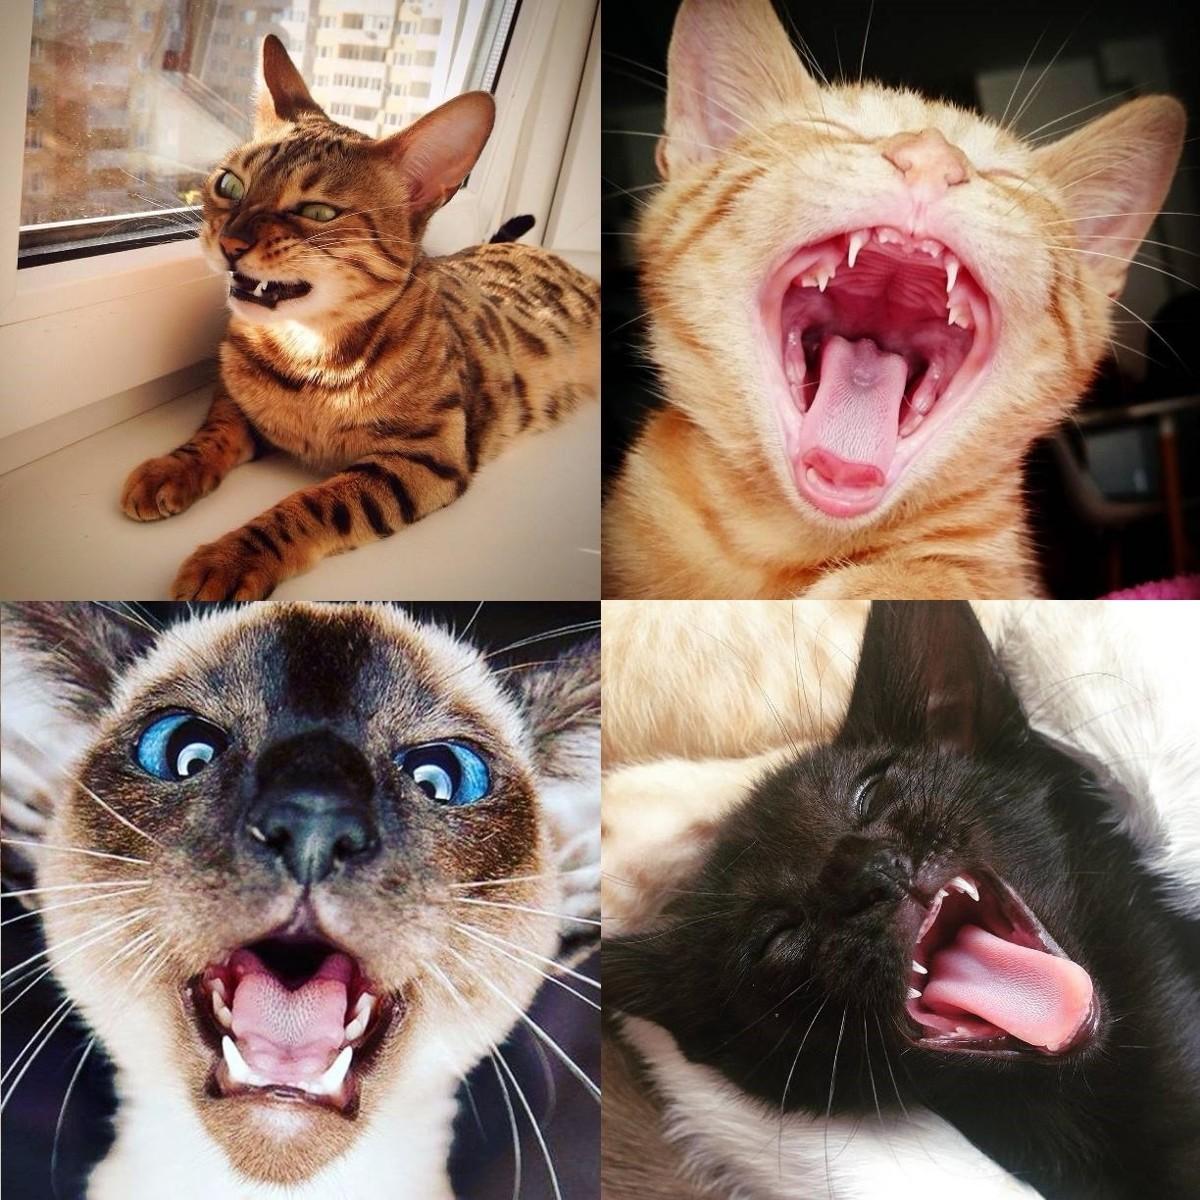 Кот в деталях: фото и факты Немного занимательной анатомии для тех, кто любит кошек.